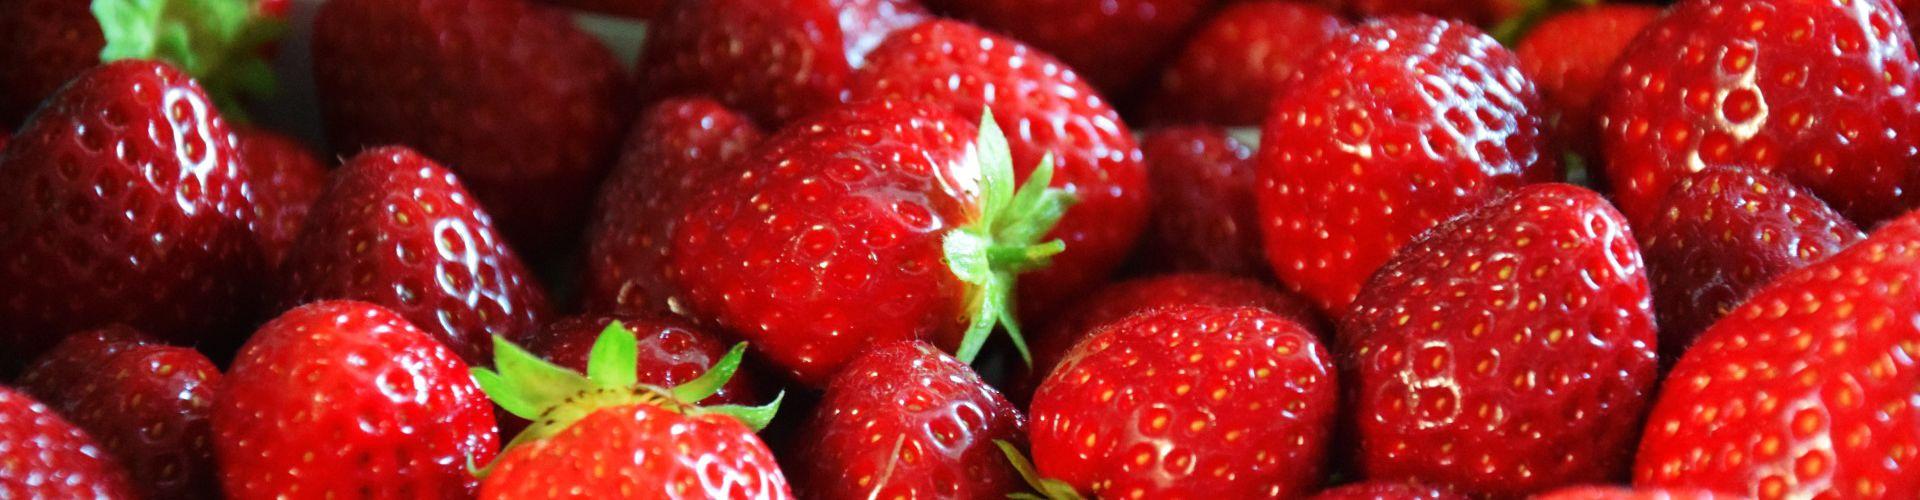 Schalenware Erdbeeren